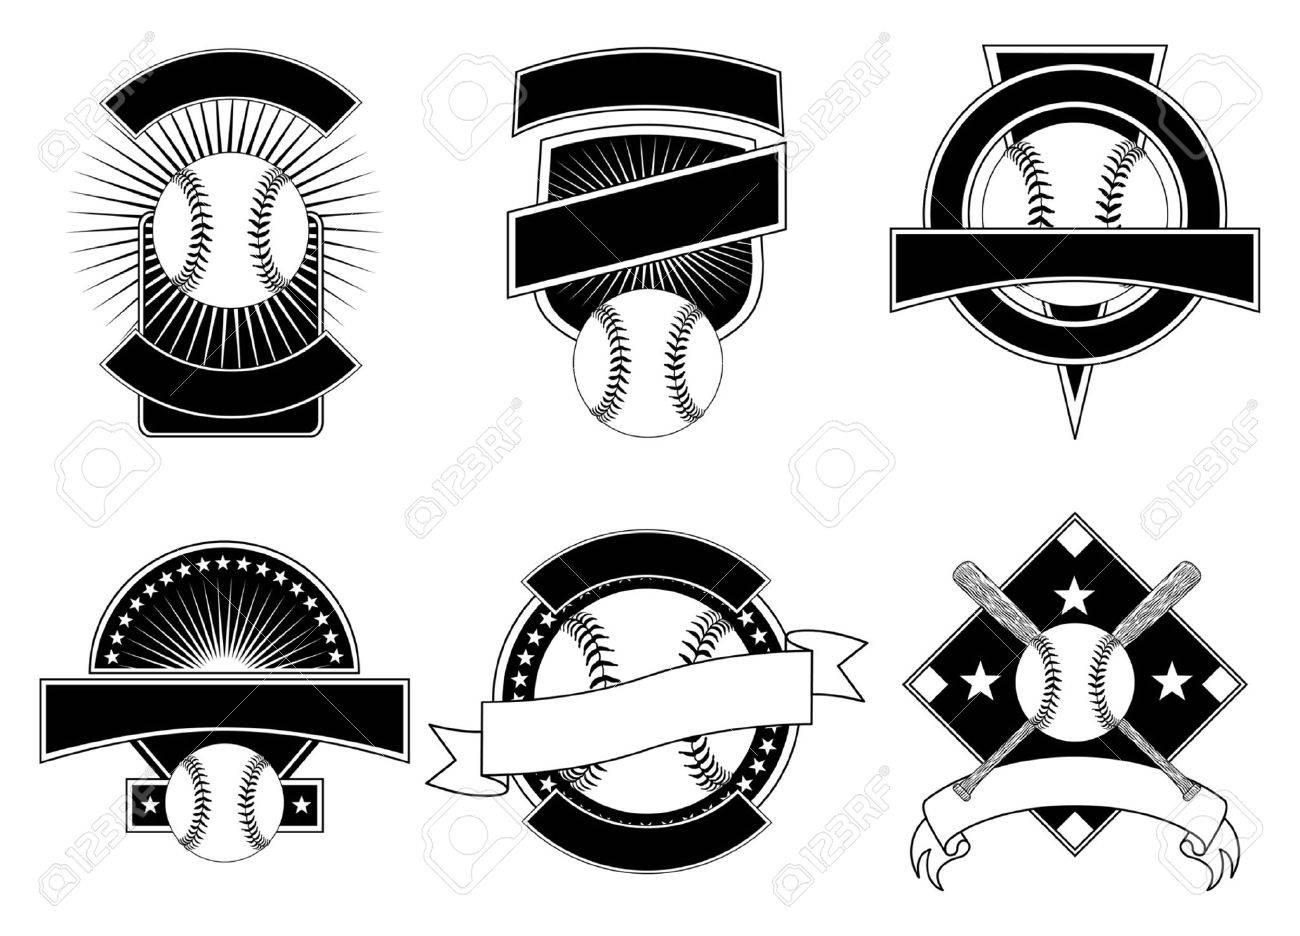 Schön Baseball Vorlagen Zeitgenössisch - Ideen fortsetzen ...